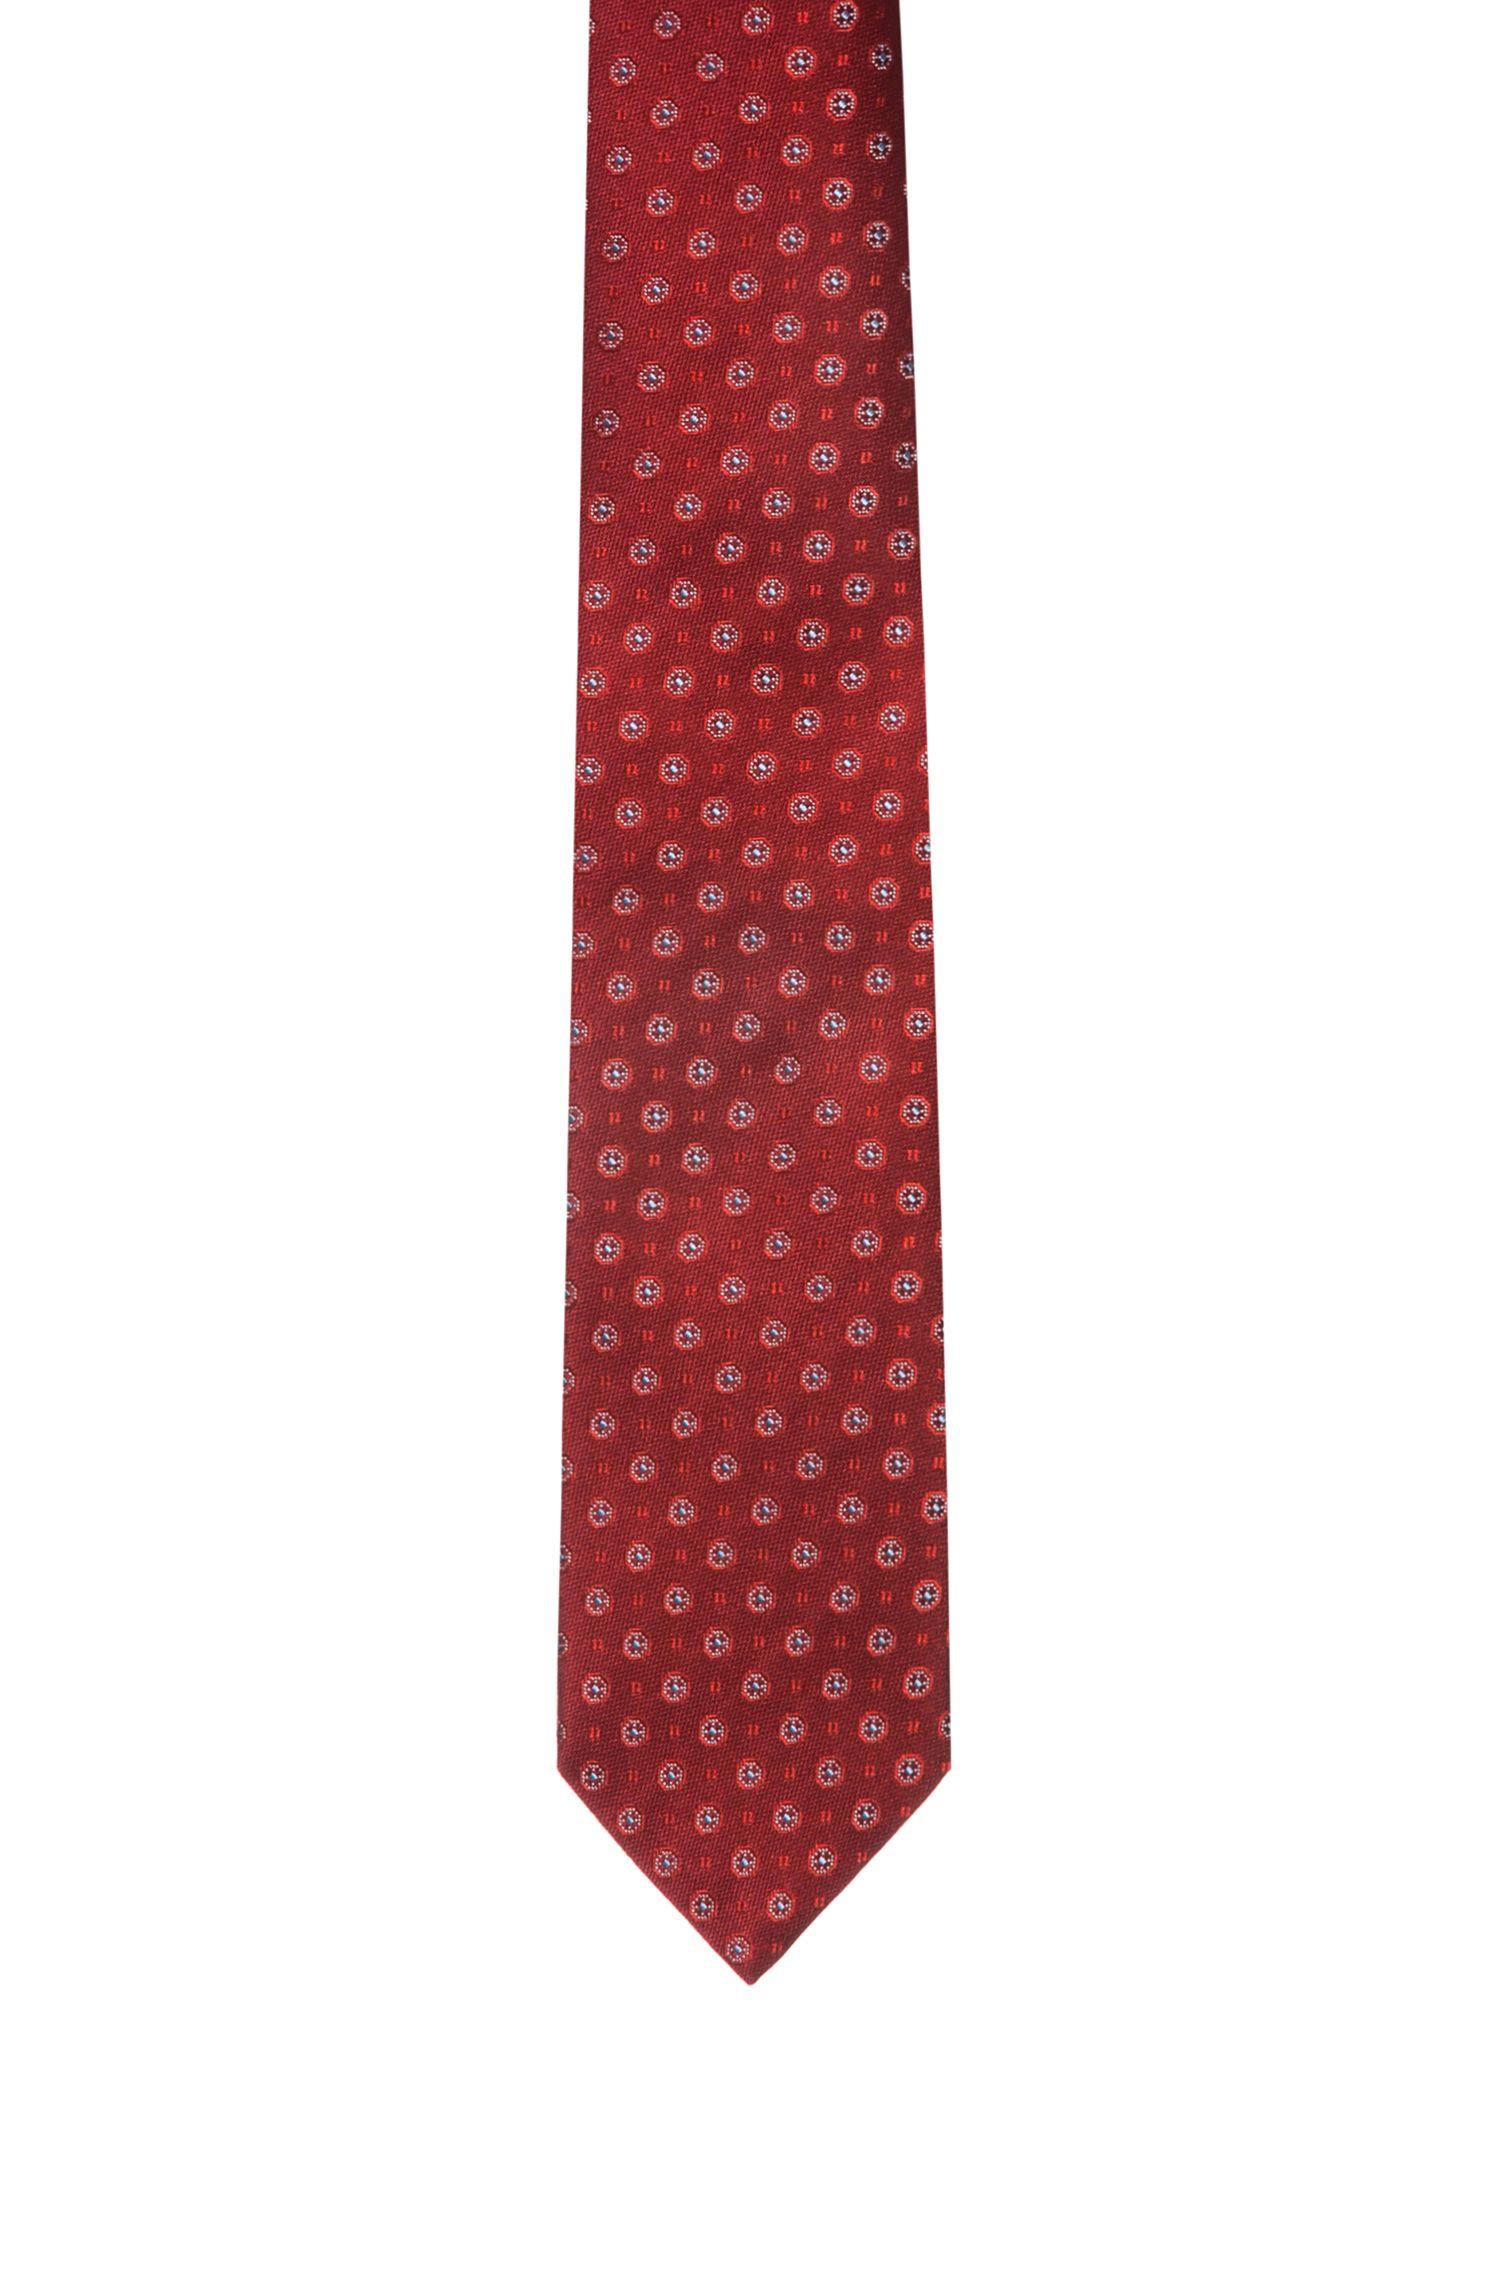 Cravate en soie à motif jacquard intégral, Fantaisie